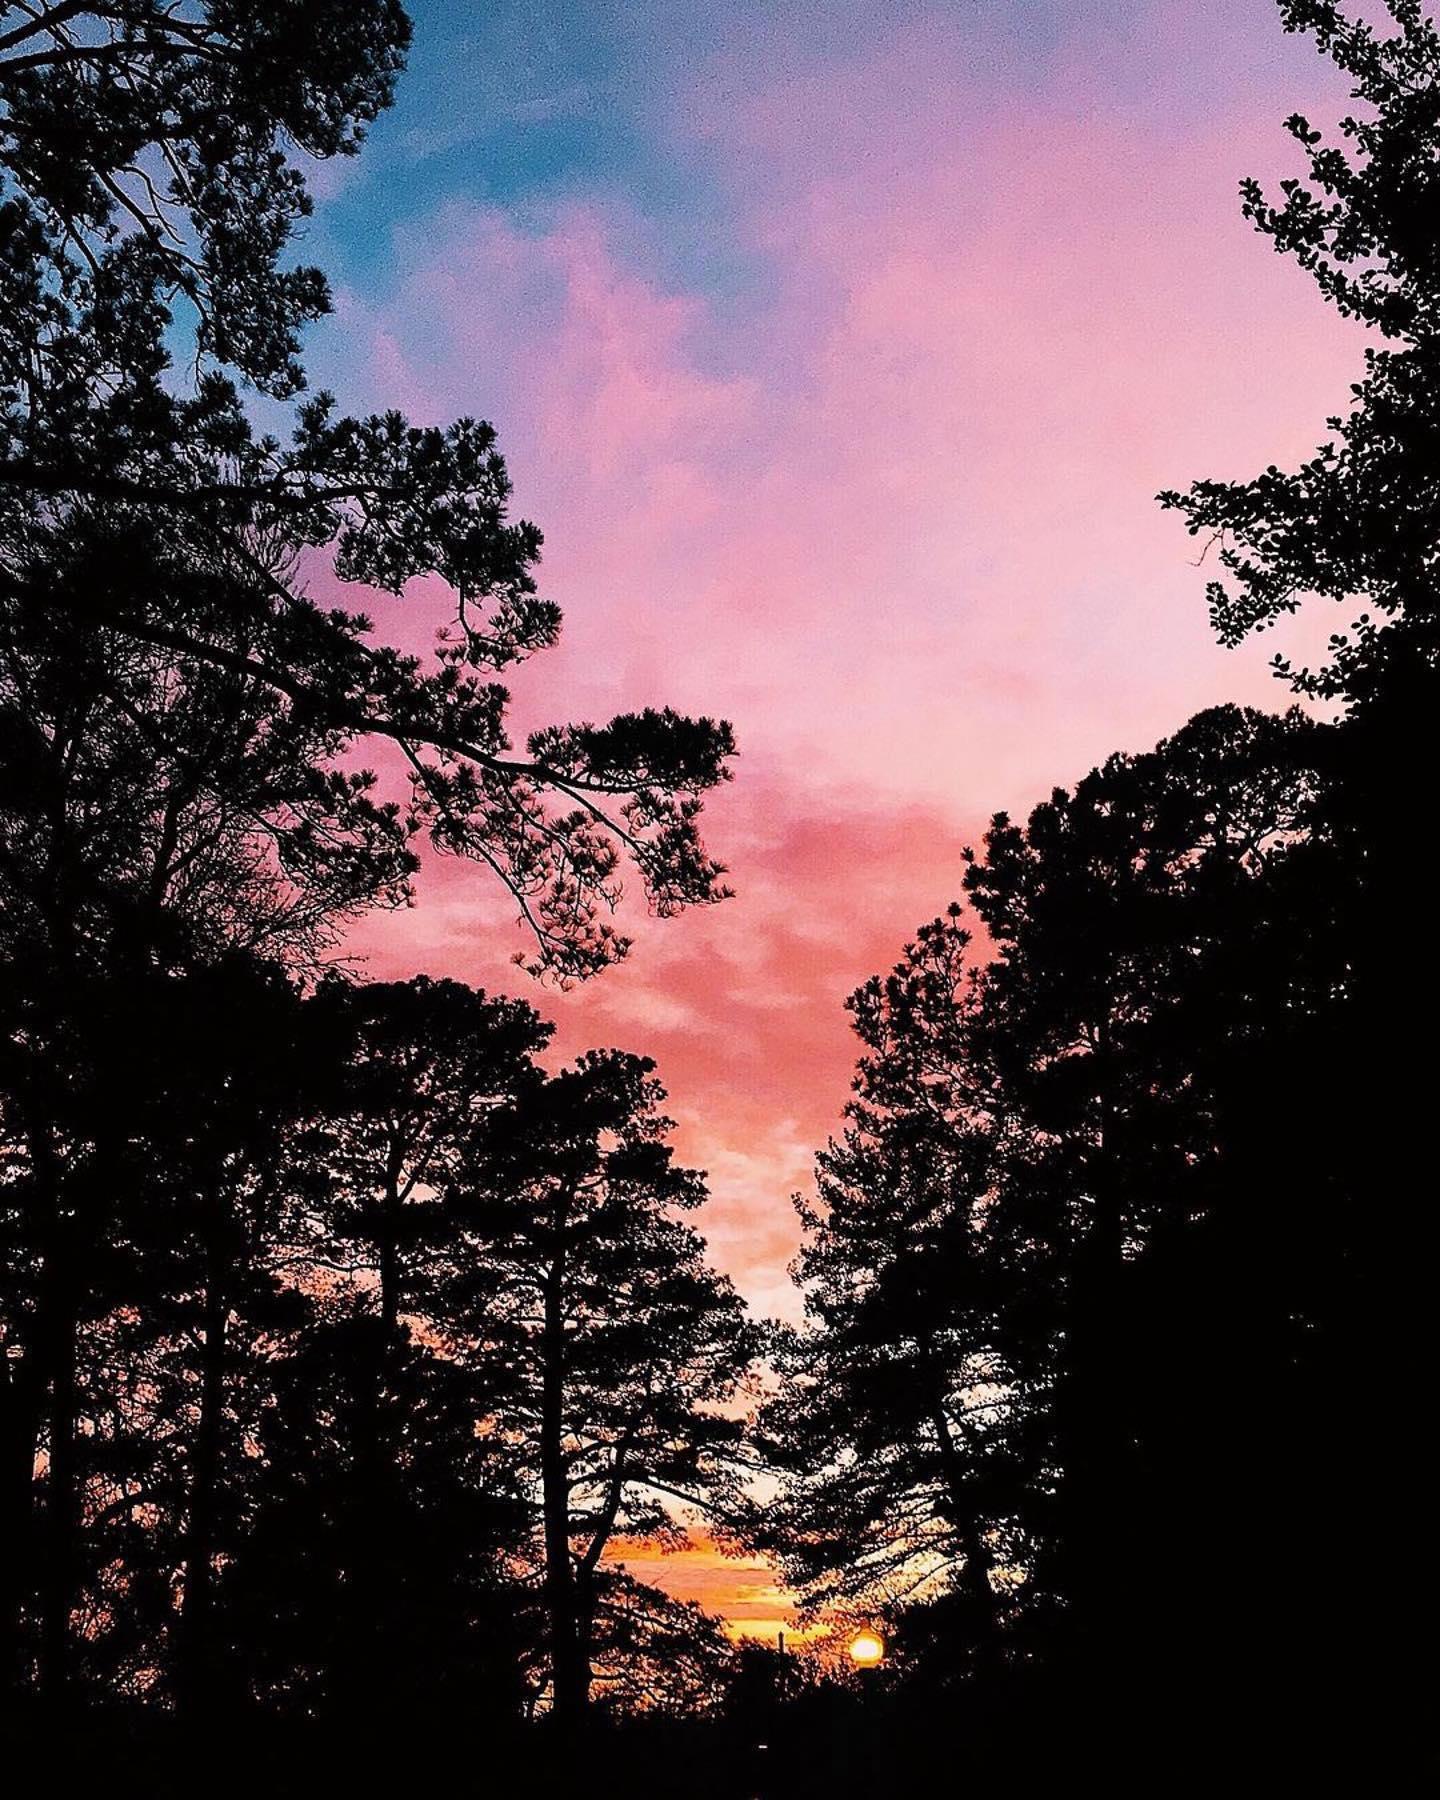 Can't beat a #URichmond sunset. #Repost @racheltrips ・・・ 📍University of Richmond